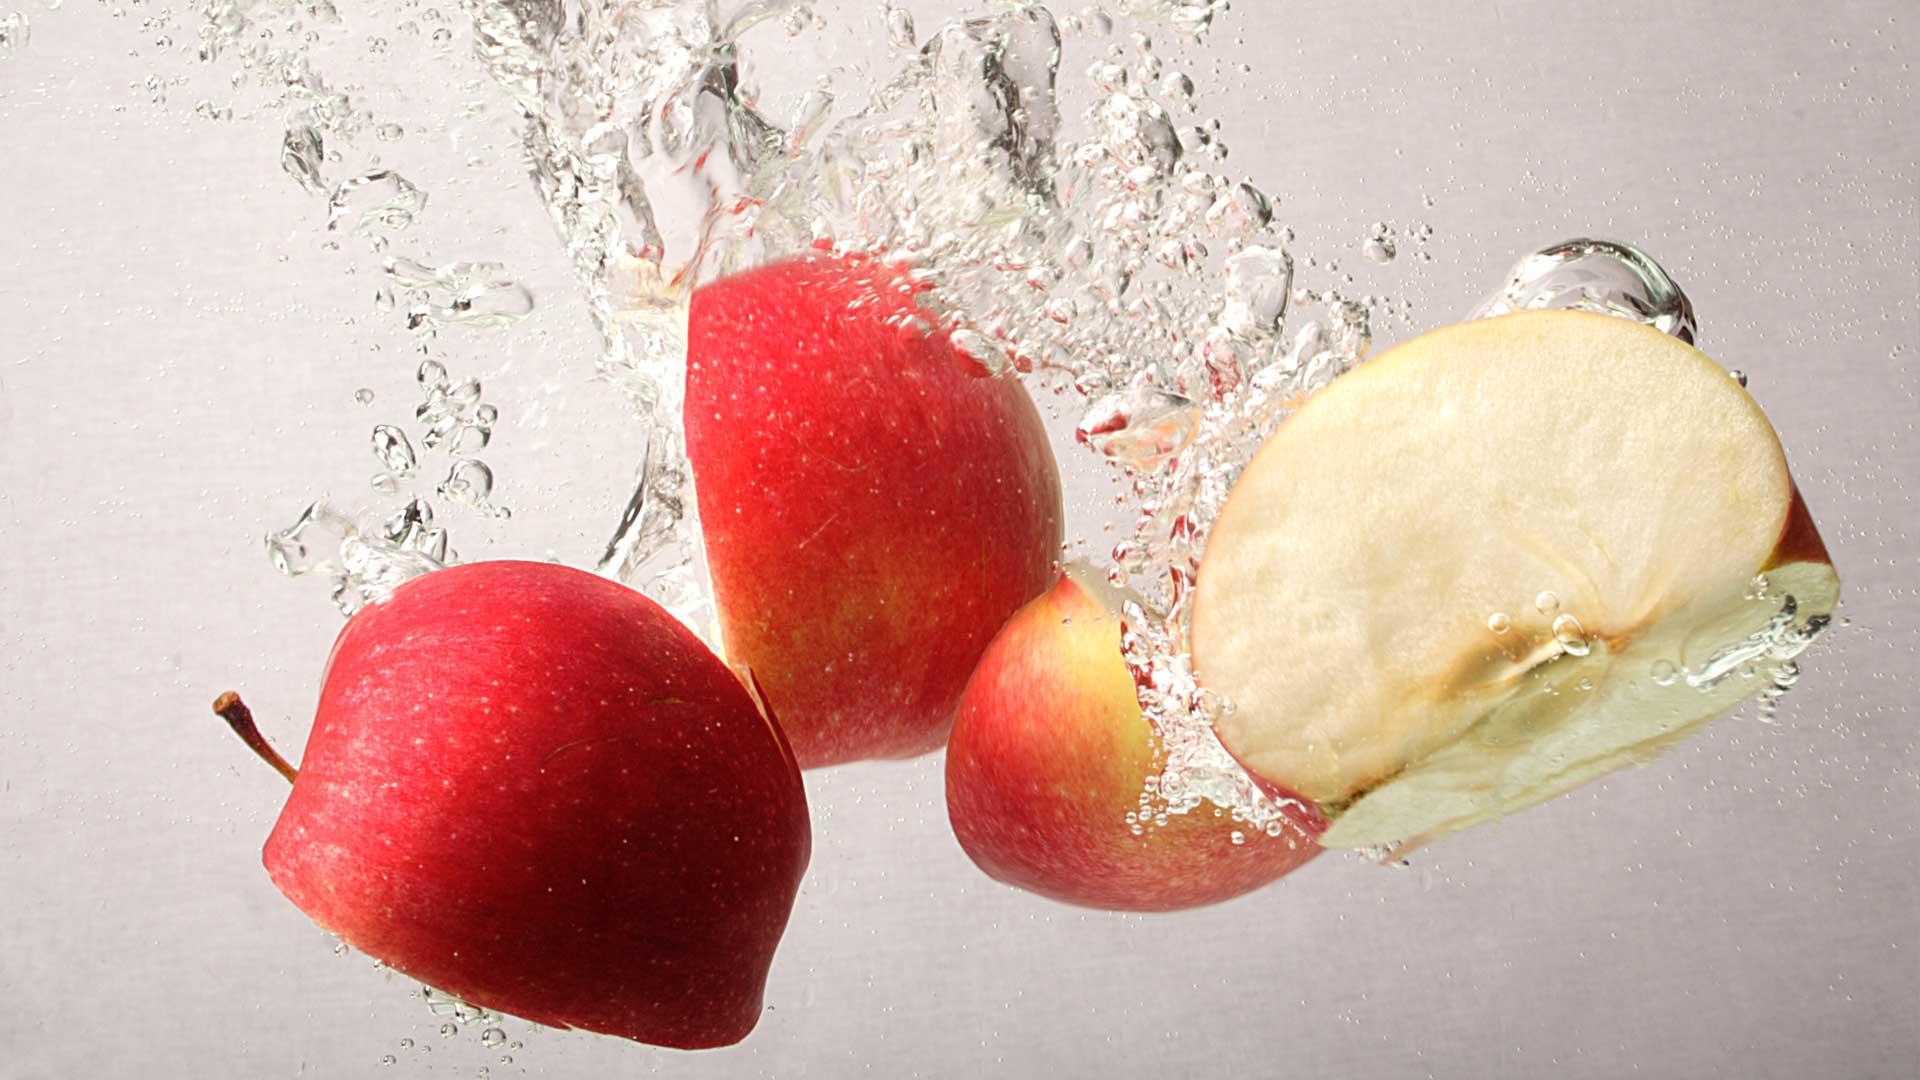 парчета червена ябълка във вода